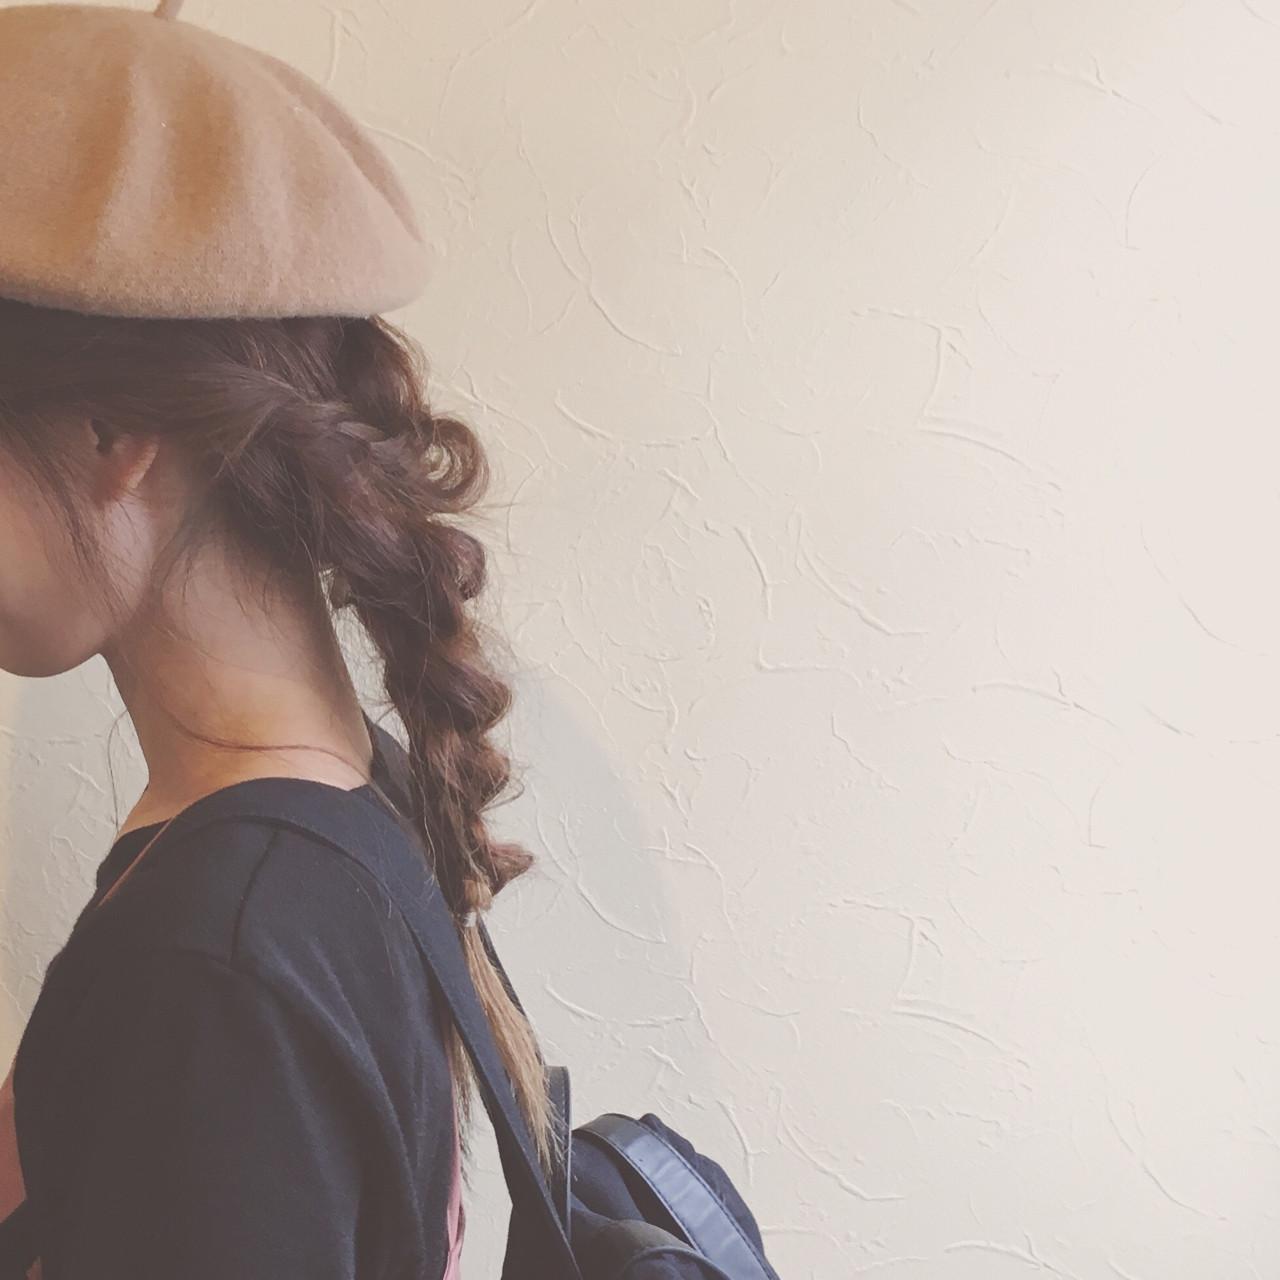 アレンジテクでスタイルアップデート!オシャレなベレー帽のかぶり方